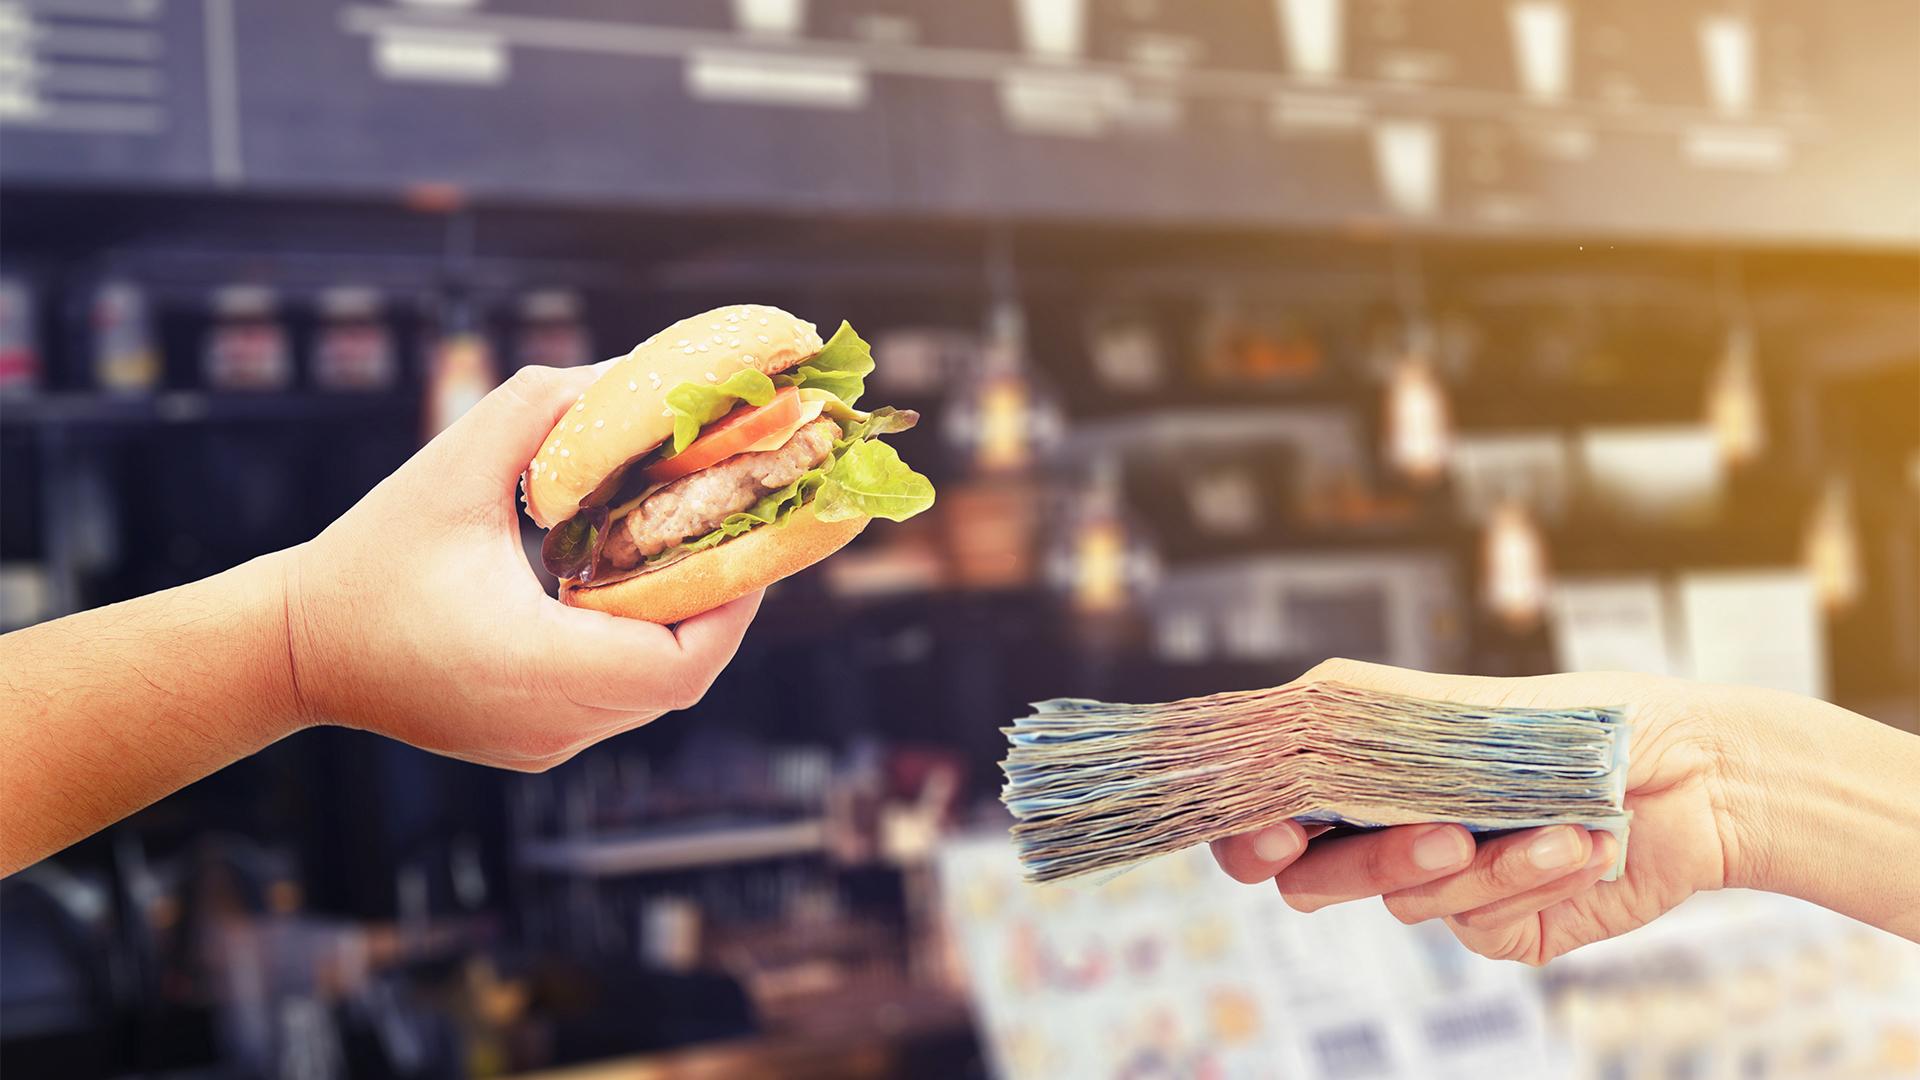 Majdnem kétmillió forint a világ legdrágább hamburgere